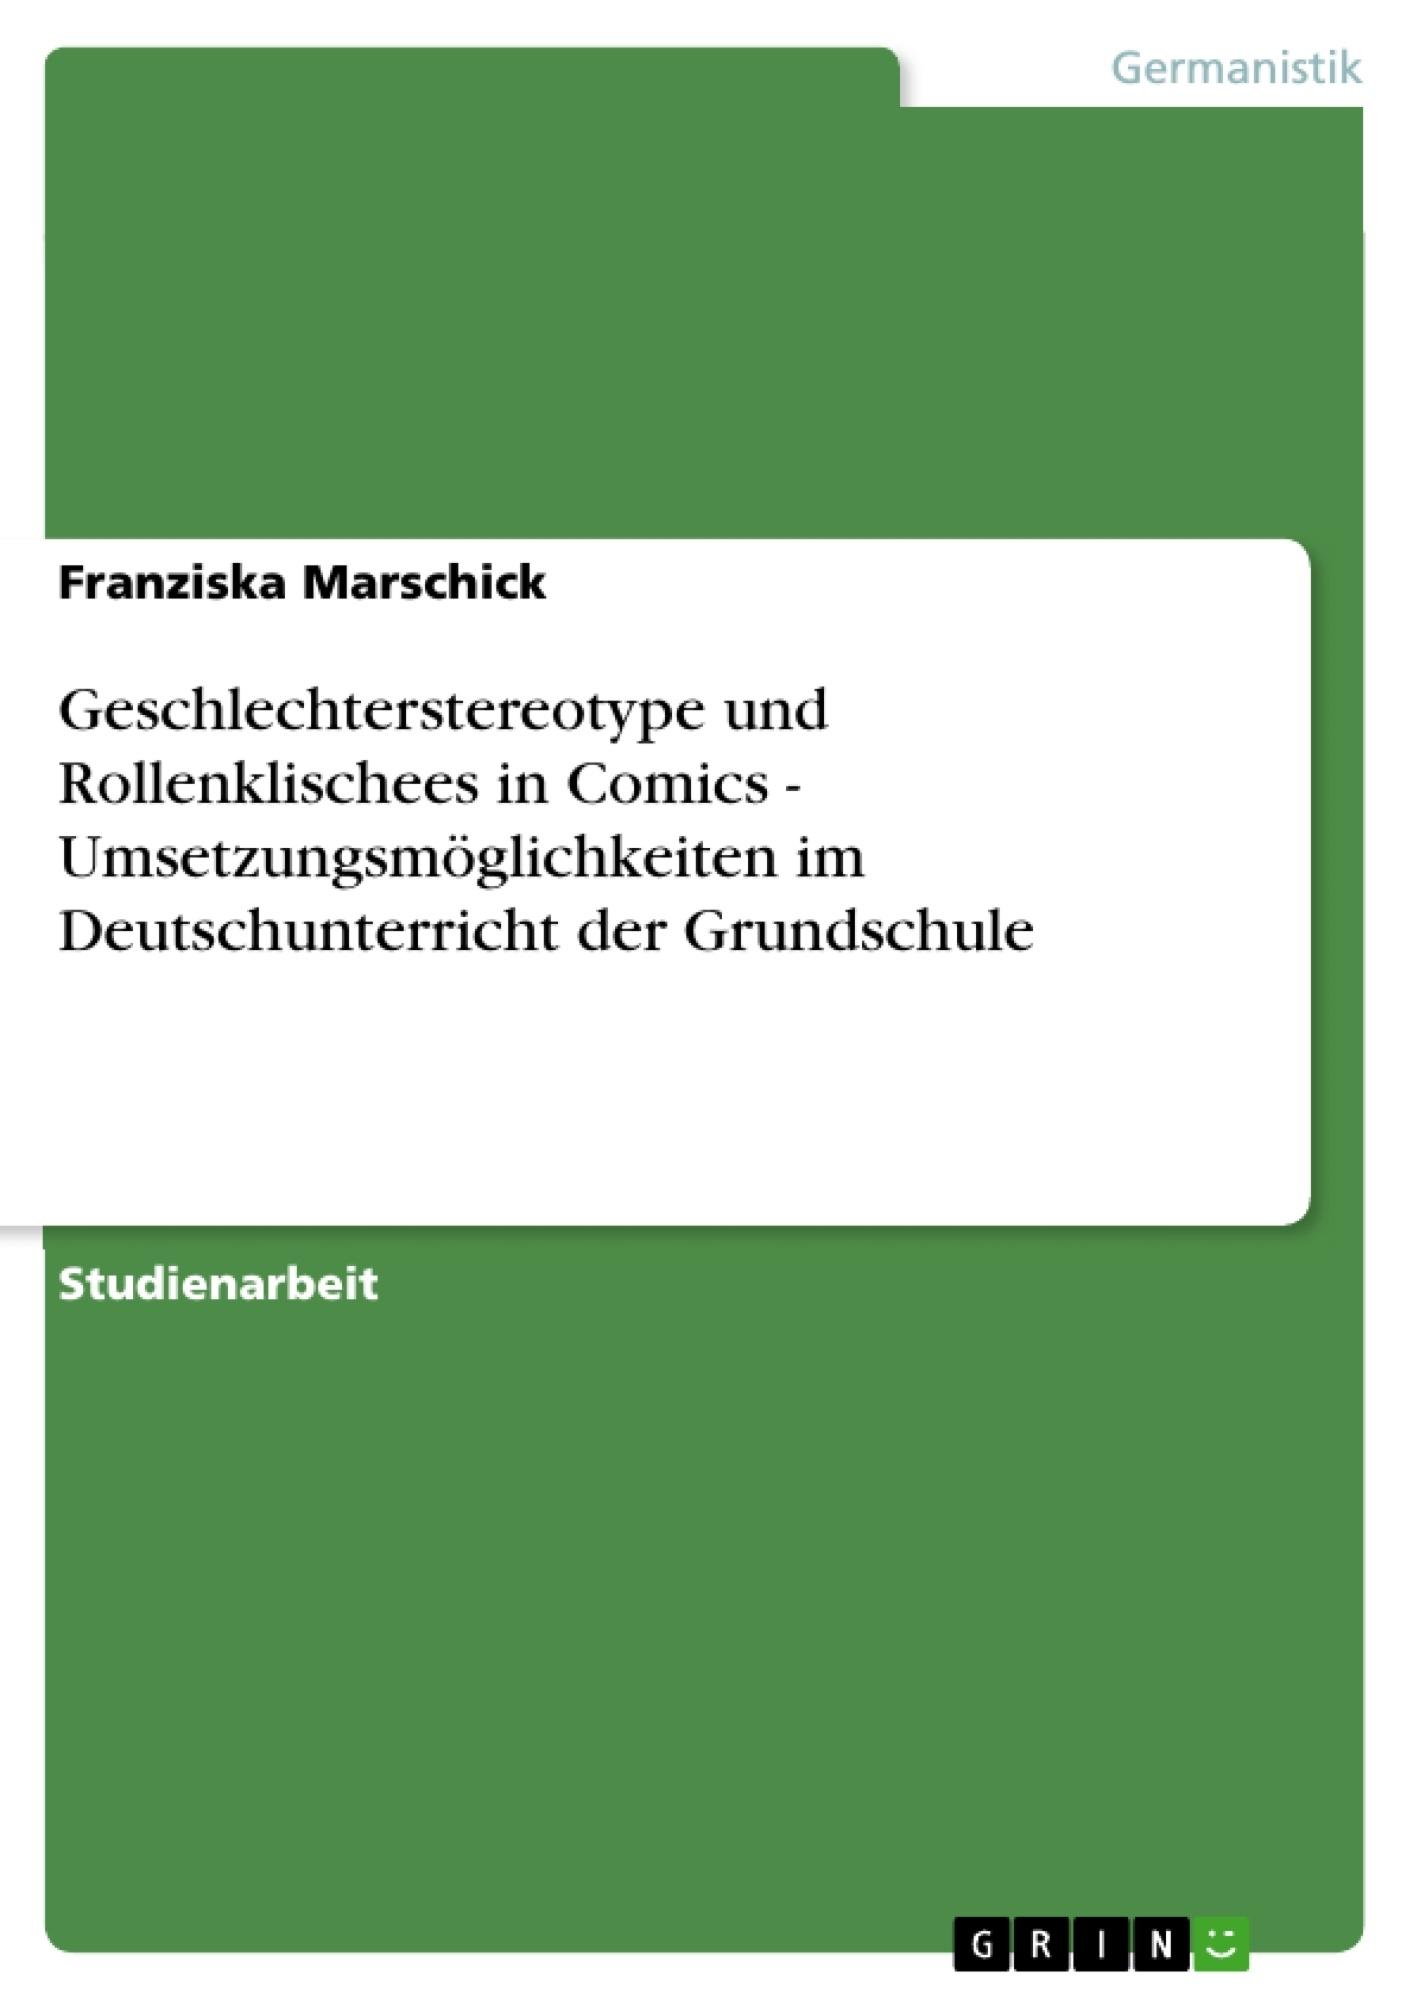 Titel: Geschlechterstereotype und Rollenklischees in Comics - Umsetzungsmöglichkeiten im Deutschunterricht der Grundschule